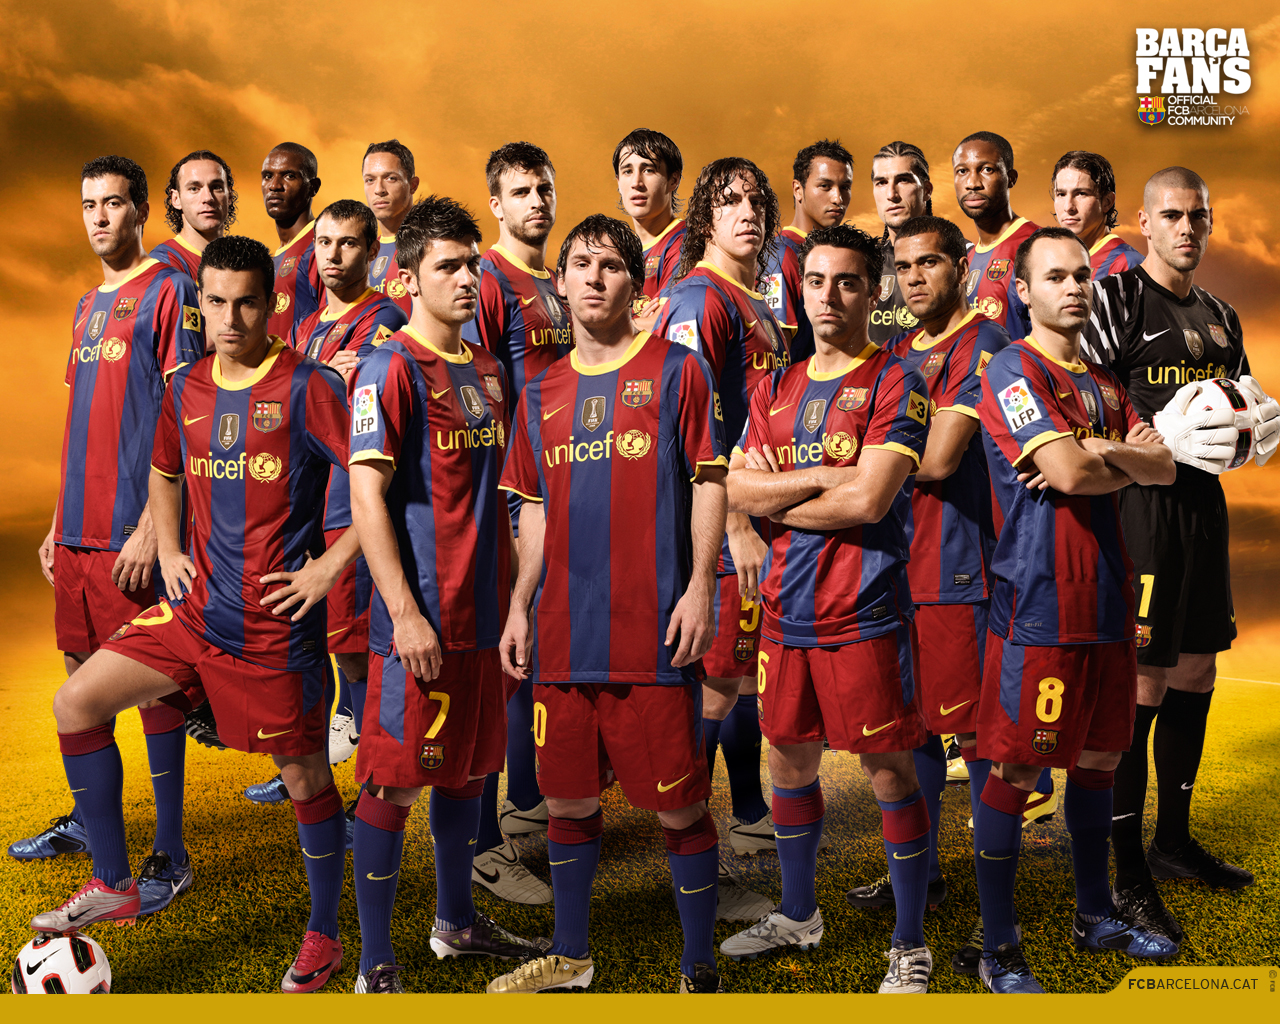 http://3.bp.blogspot.com/-5NzGIQlMBYk/T5vs6W8HFZI/AAAAAAAAAzE/vrGWWfmEzkE/s1600/2012-FC-Barcelona-Wallpaper-HD.jpg